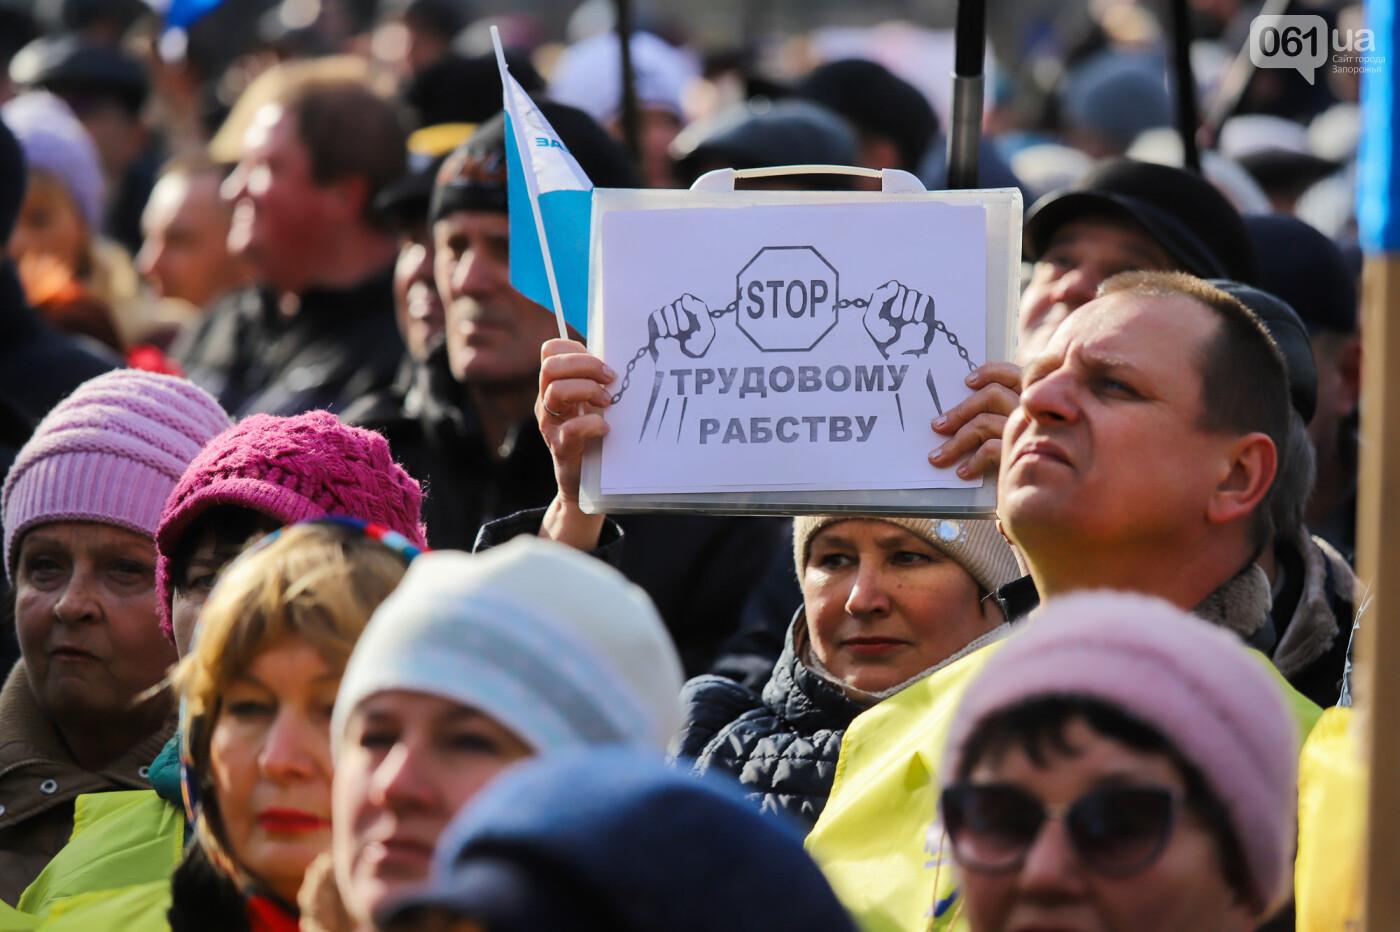 В Запорожье на протестную акцию профсоюзов «Волна гнева» вышло около 2000 человек, - ФОТОРЕПОРТАЖ, фото-26